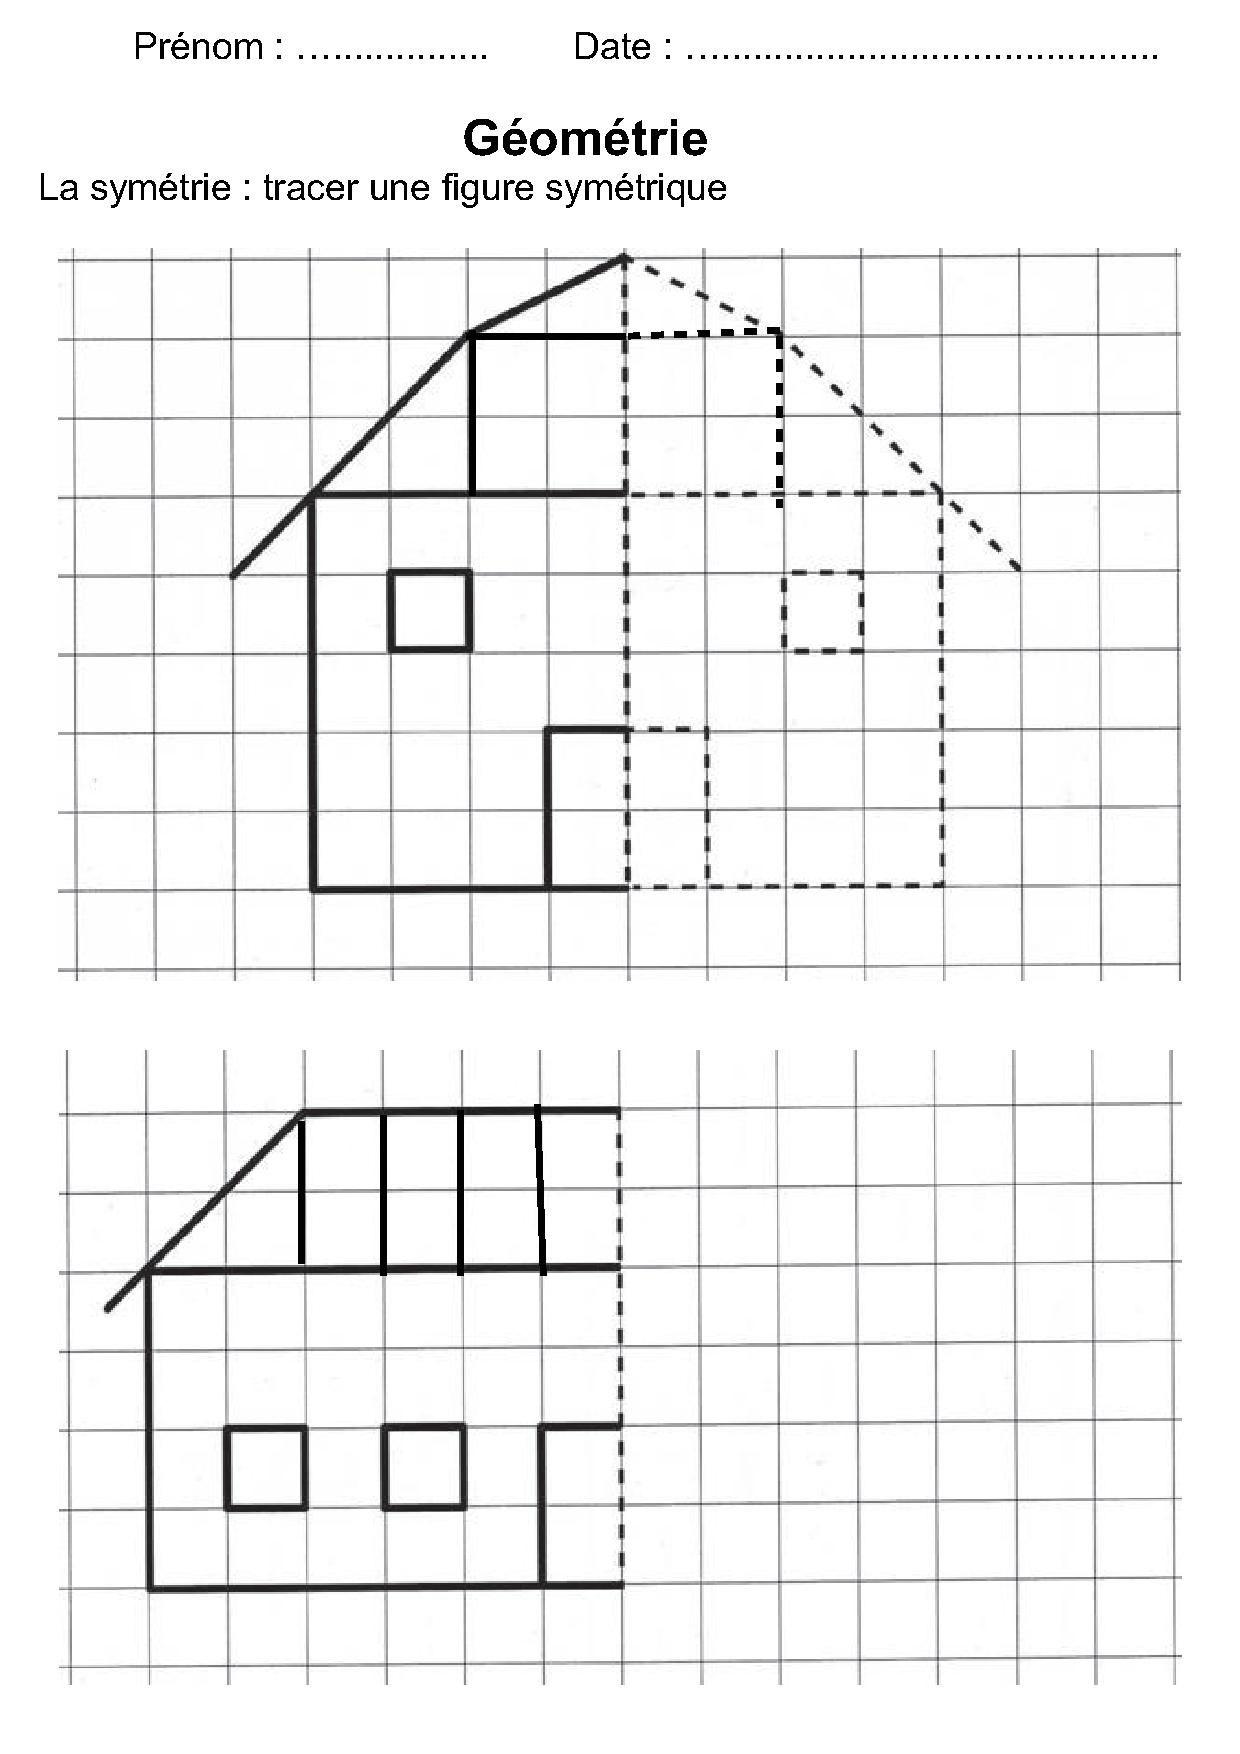 Géométrie Ce1,ce2,la Symétrie,reproduire Une Figure serapportantà Dessin Géométrique Ce2